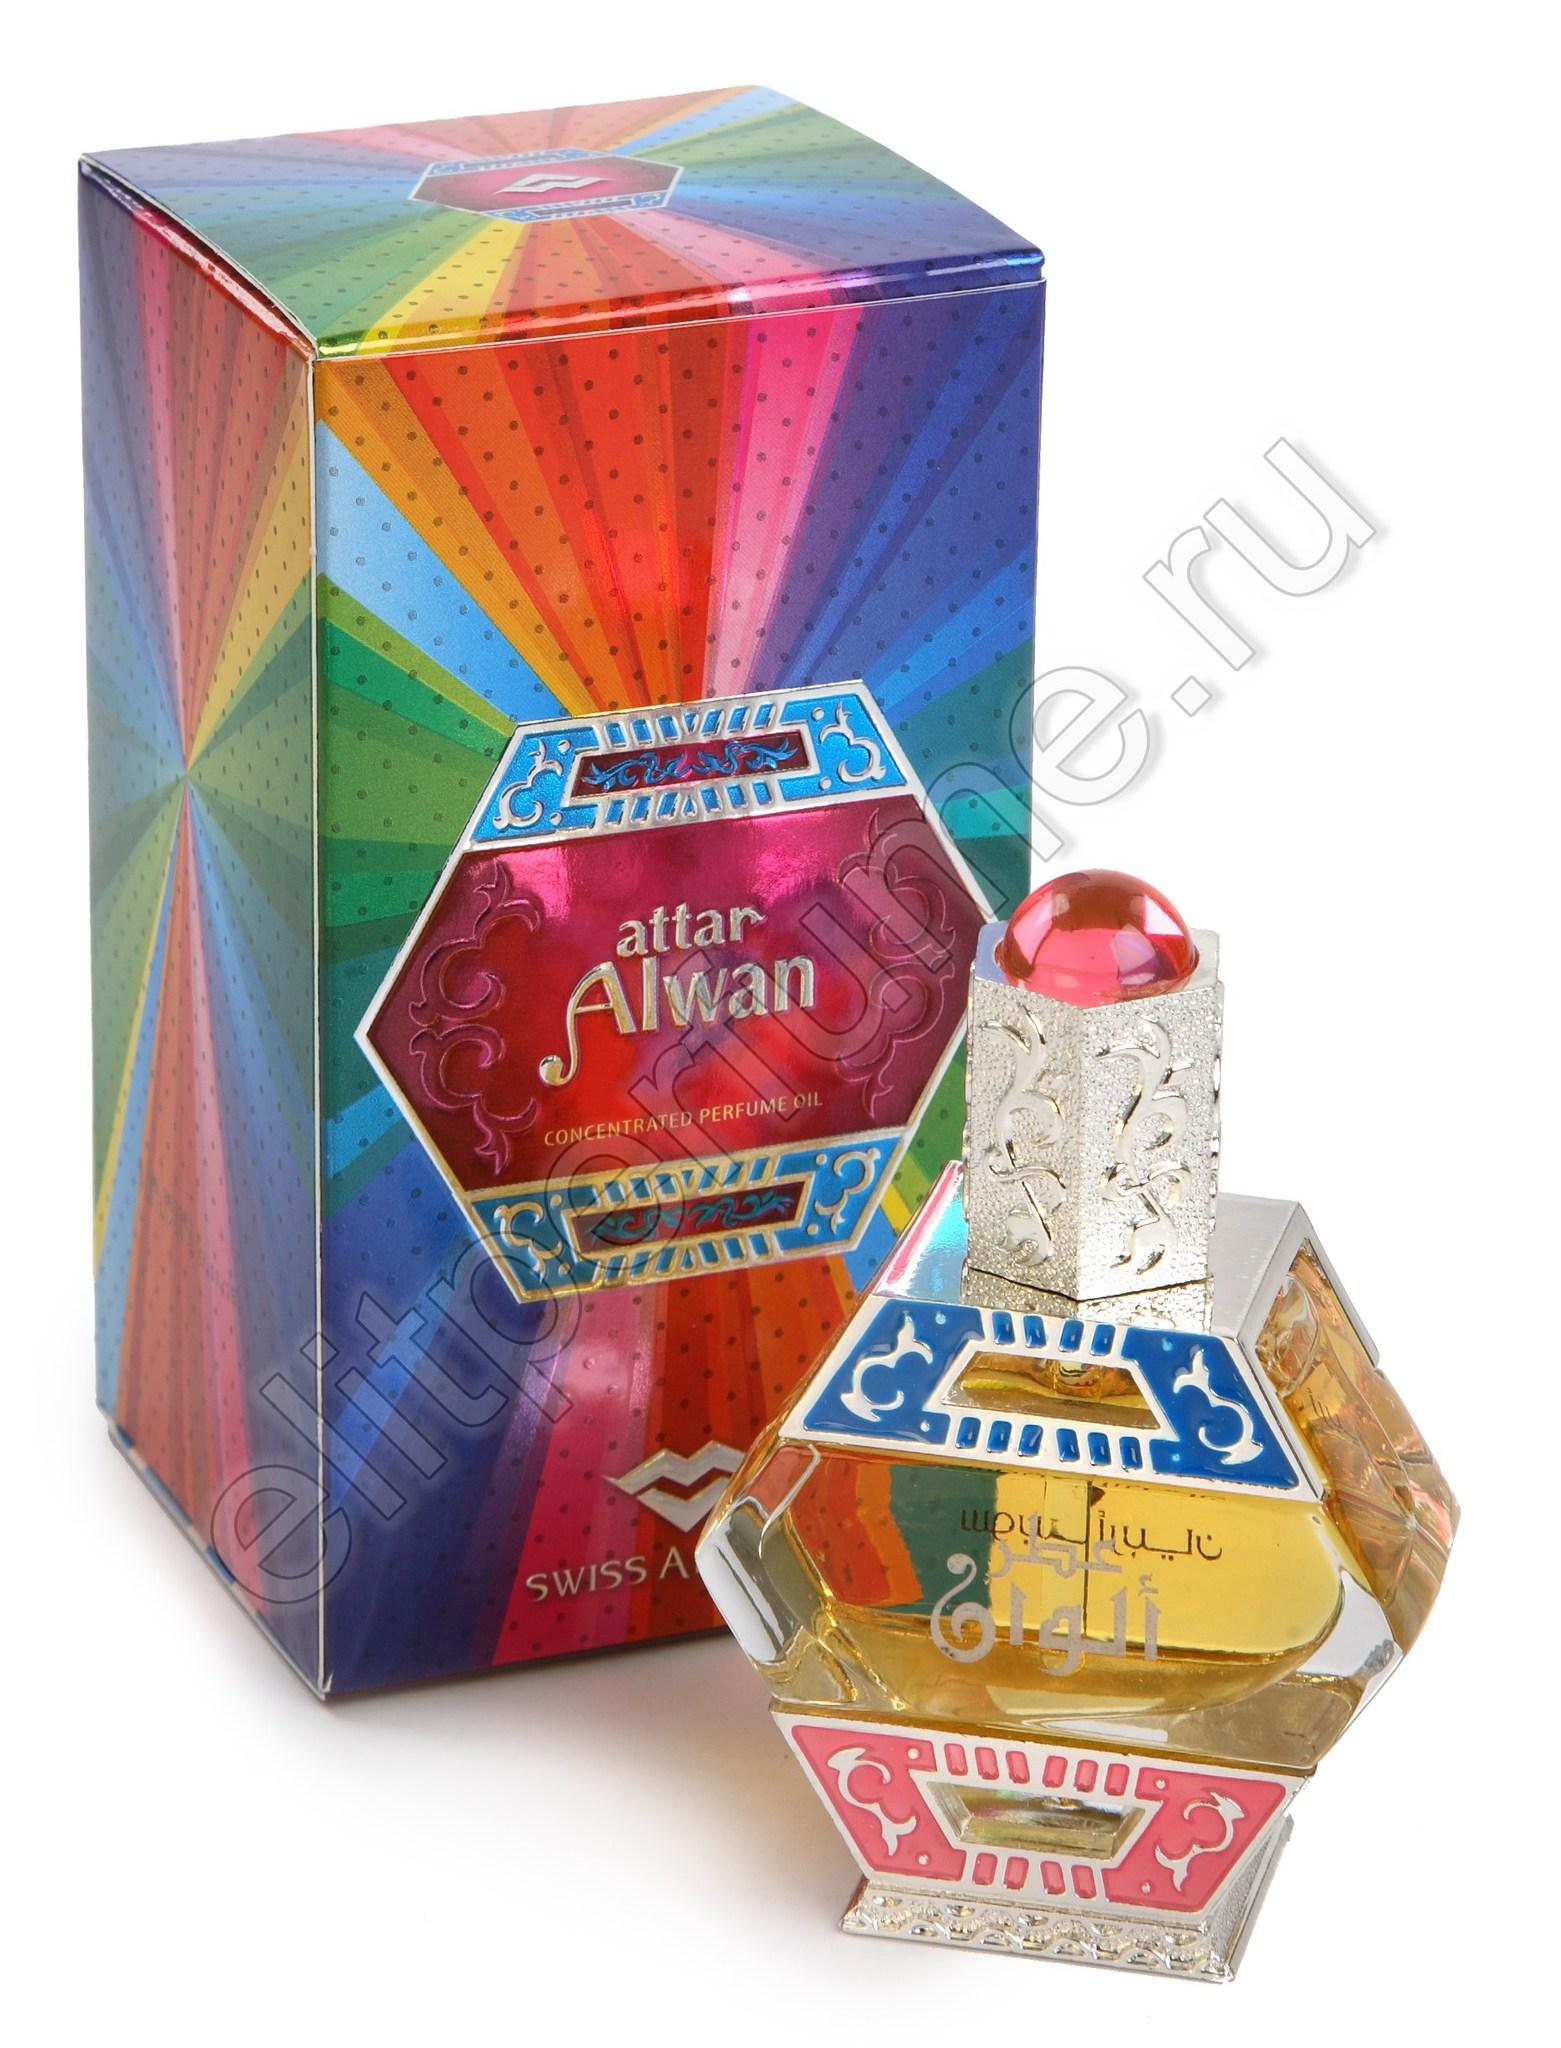 Пробники для арабских духов Аттар Альван Attar Alwan 1 мл арабские масляные духи от Свисс Арабиан Swiss Arabian